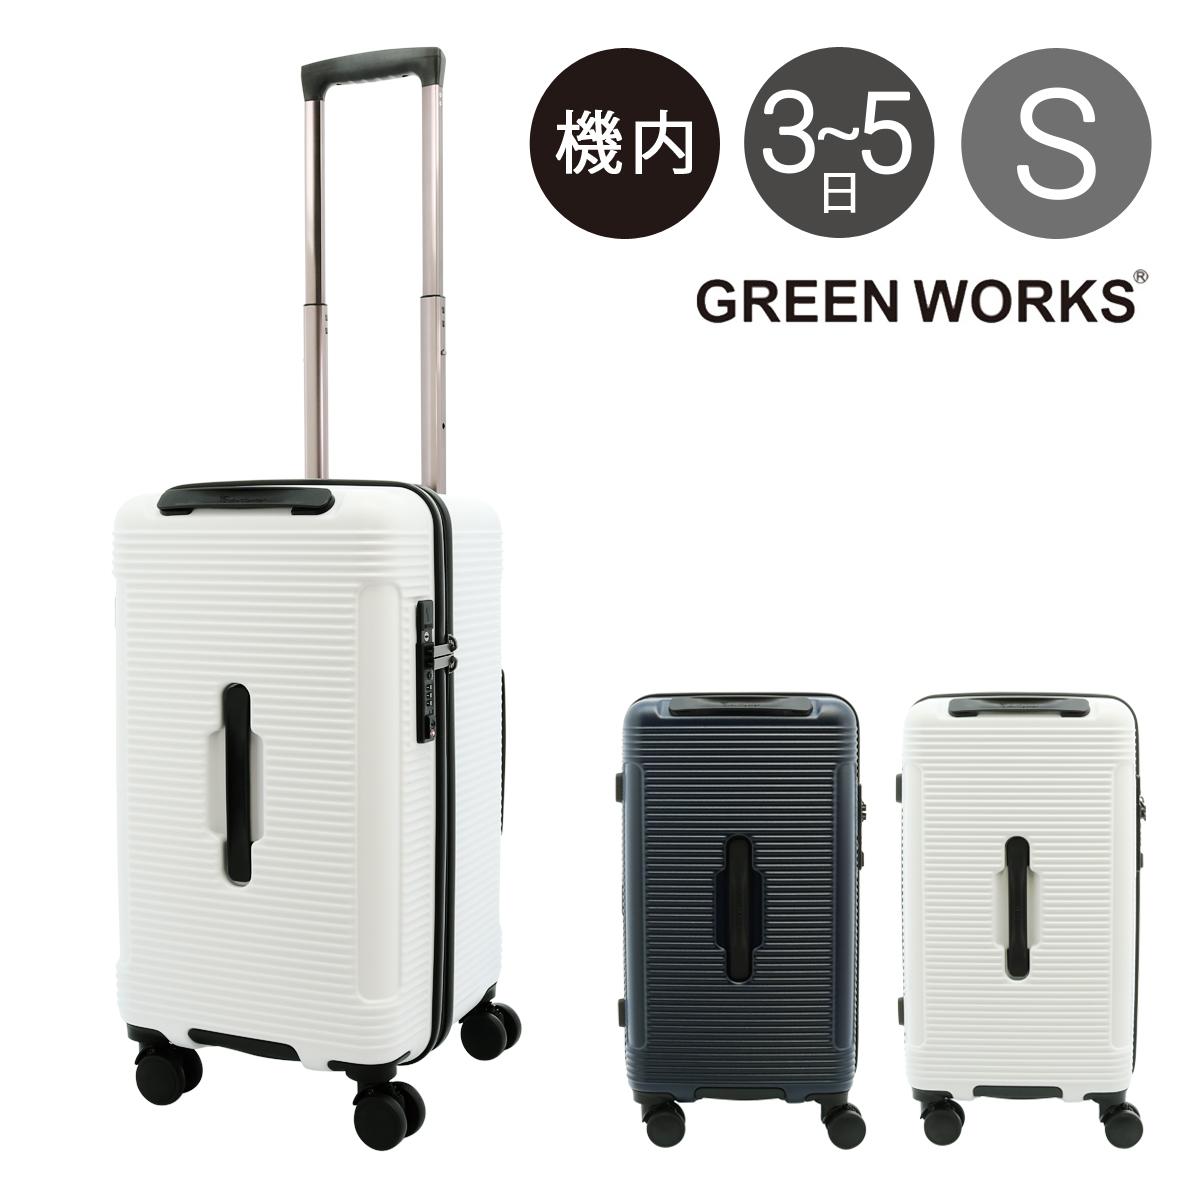 シフレ スーツケース 46L 54cm 3.4kg グリーンワークス 機内持ち込み GRE2216-54 Siffler | ハードファスナー TSAロック機能搭載 キャリーバッグ[PO10]